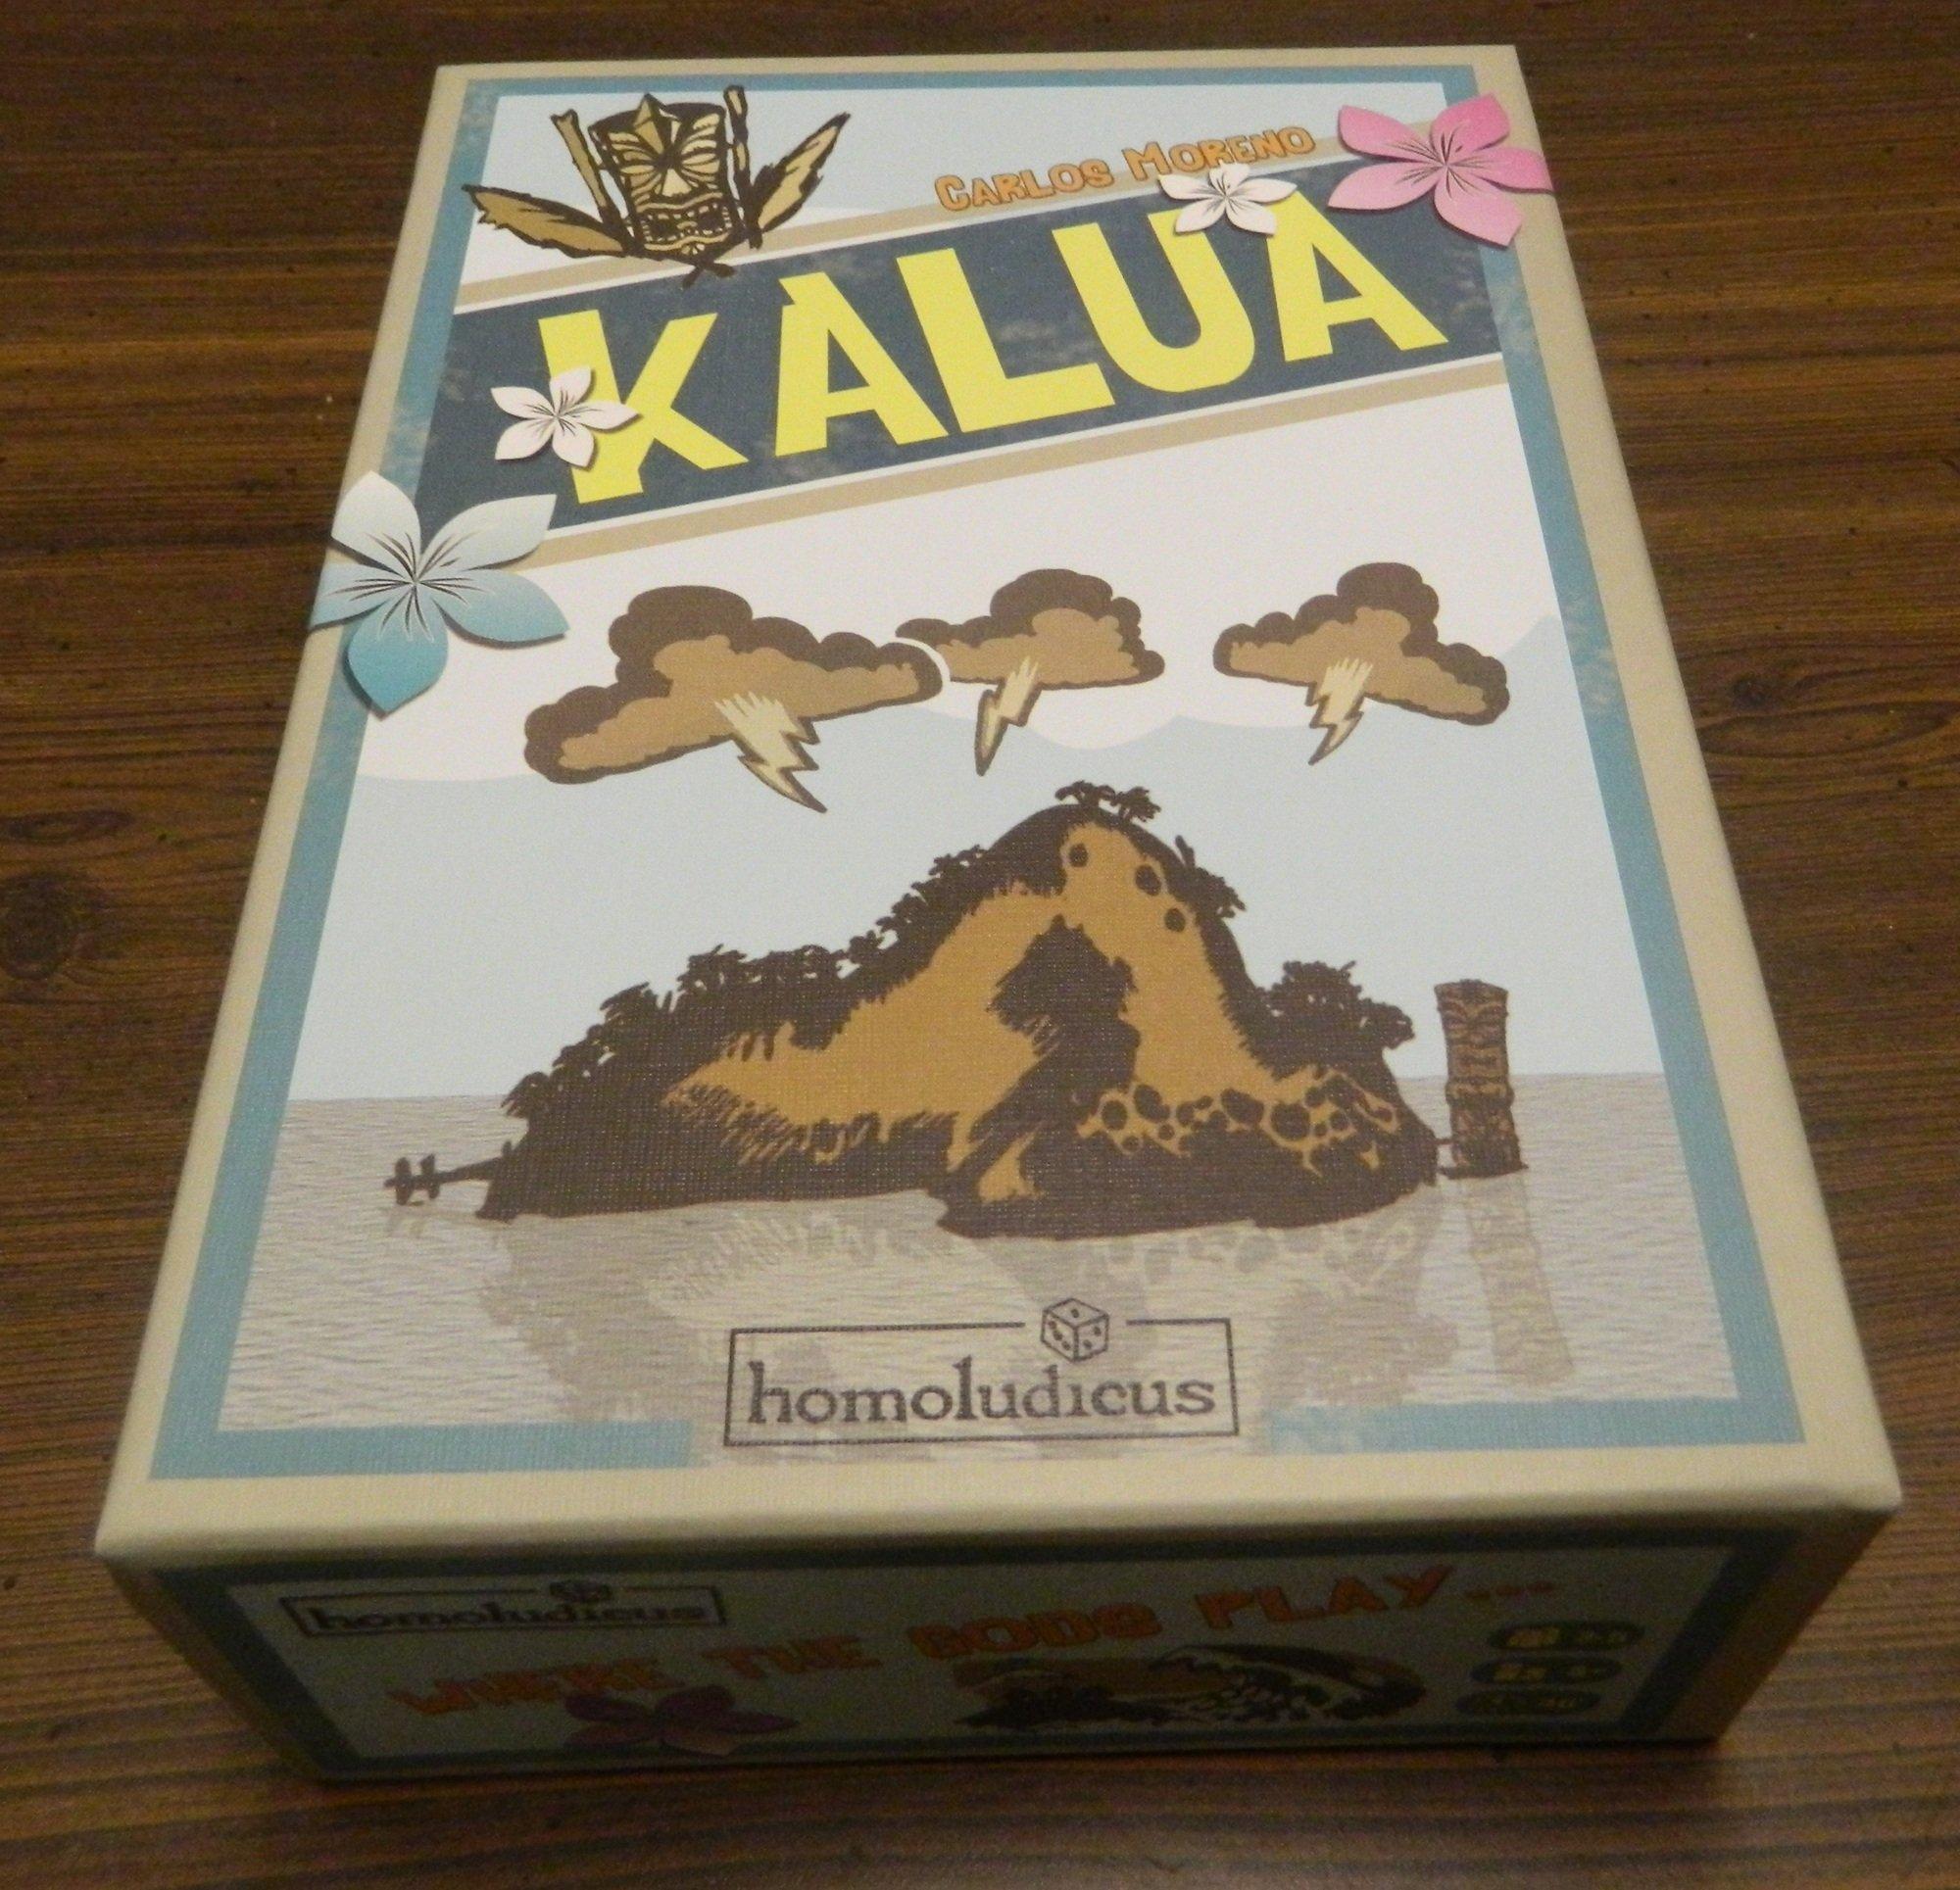 Box for Kalua